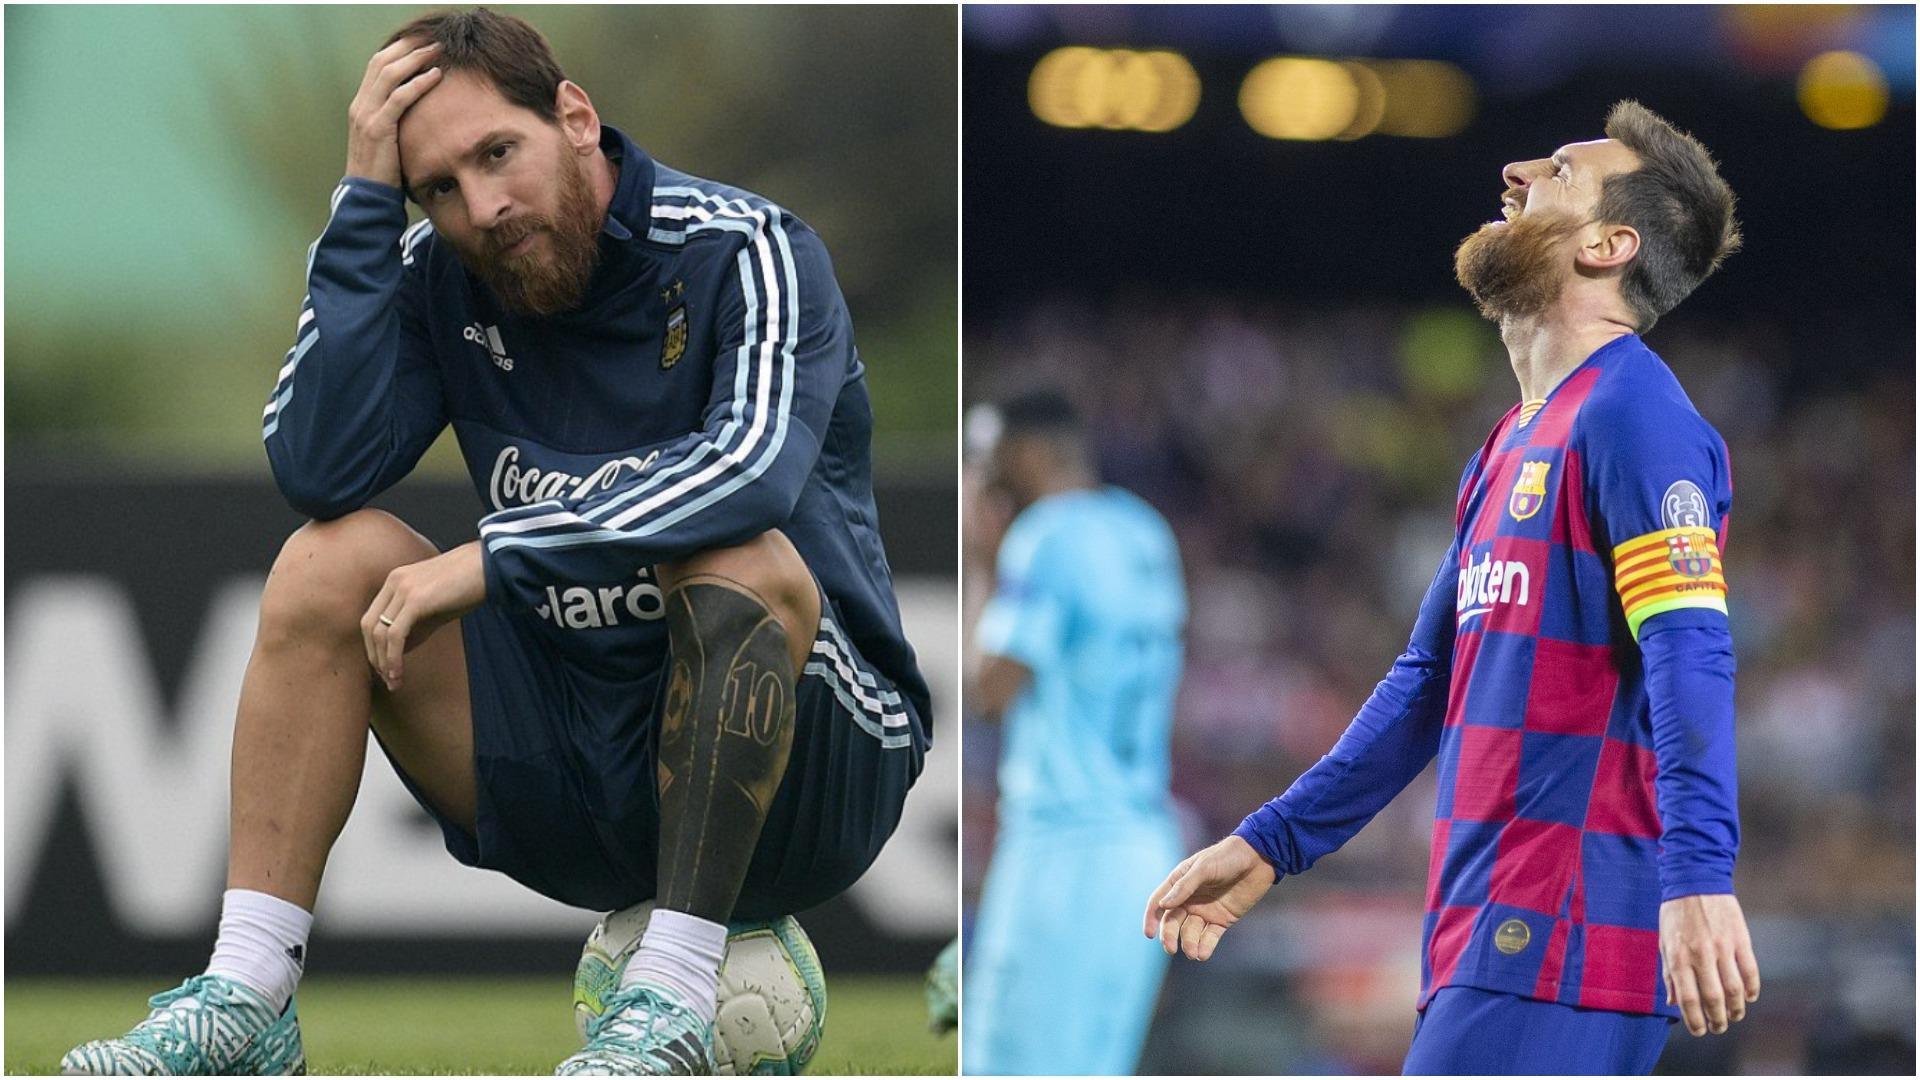 Messi: Jam trishtuar shumë, jeta dhe futbolli nuk do të jenë si më parë